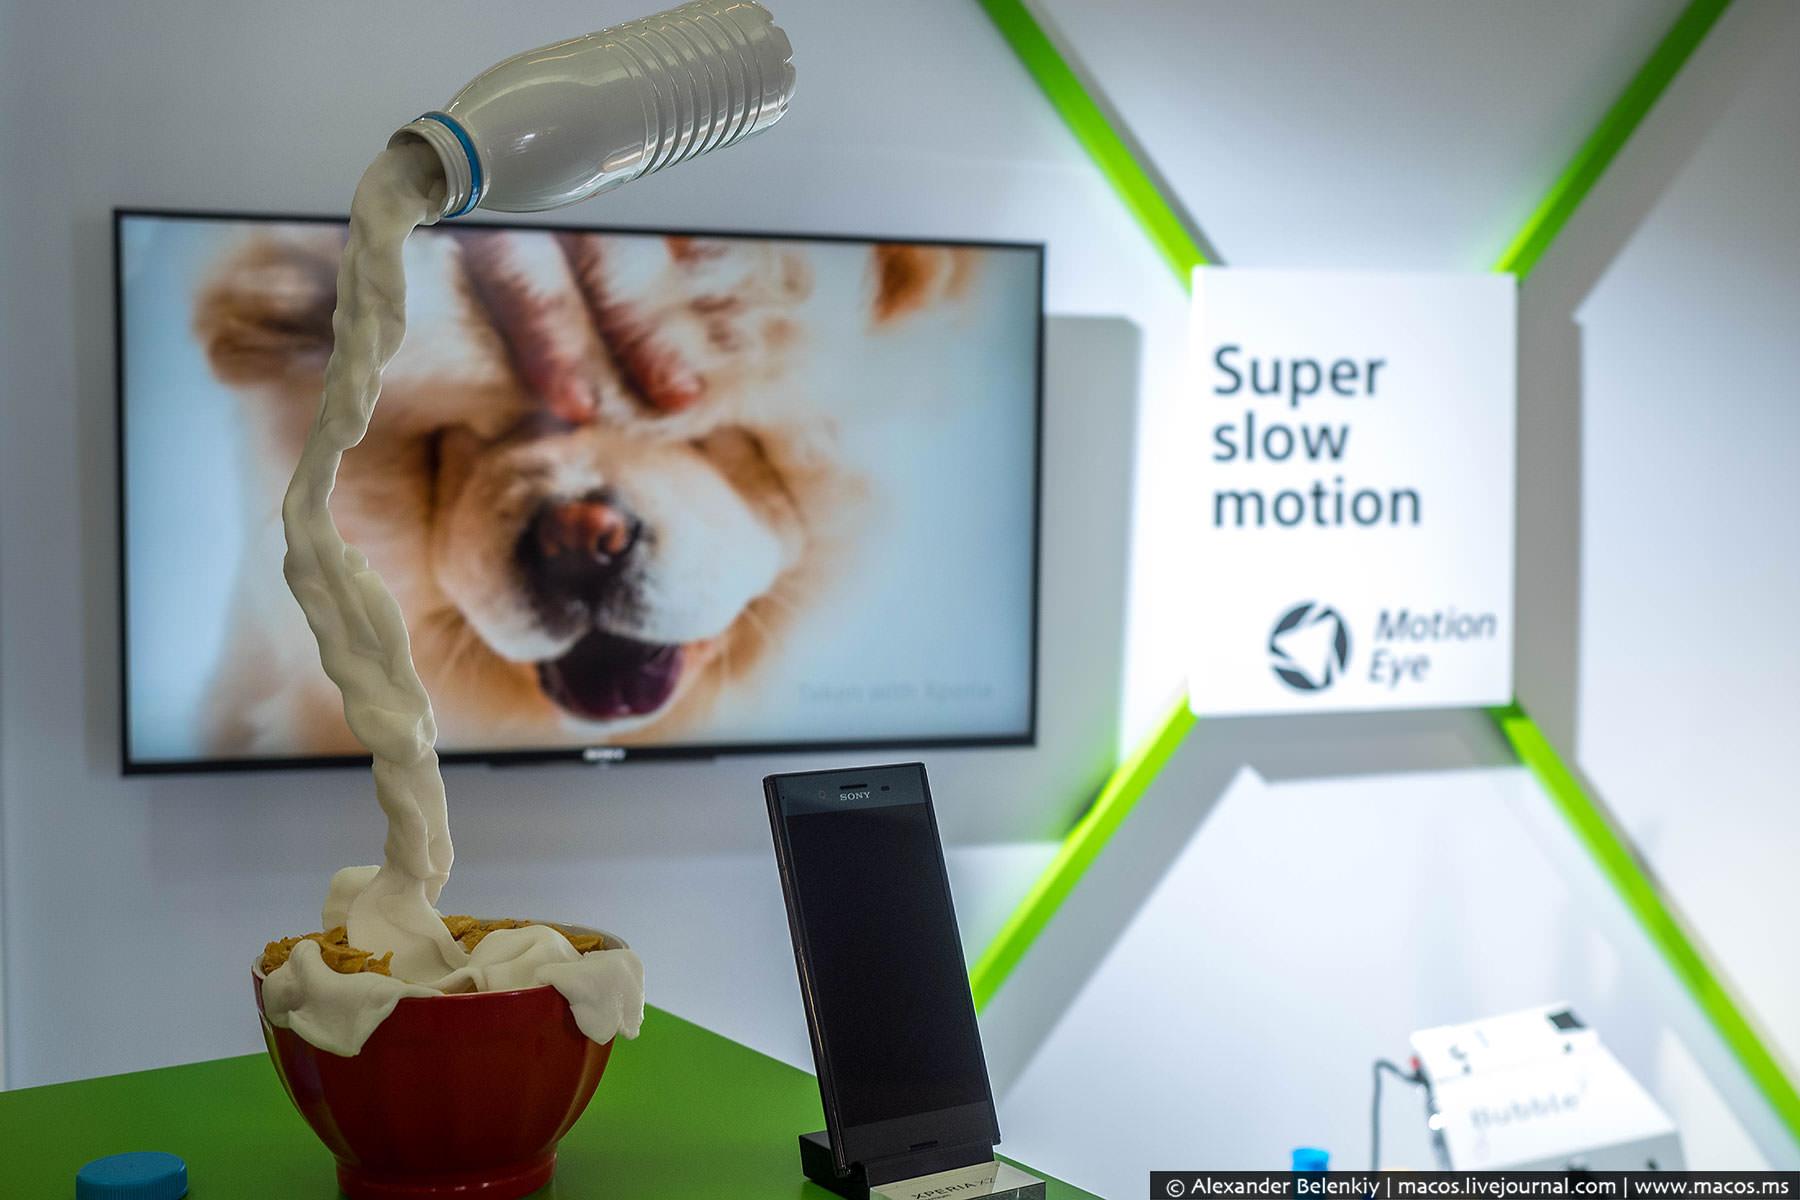 Новая камера получила название Motion Eye, и у нее есть две важные особенности: сверхмедленные видео